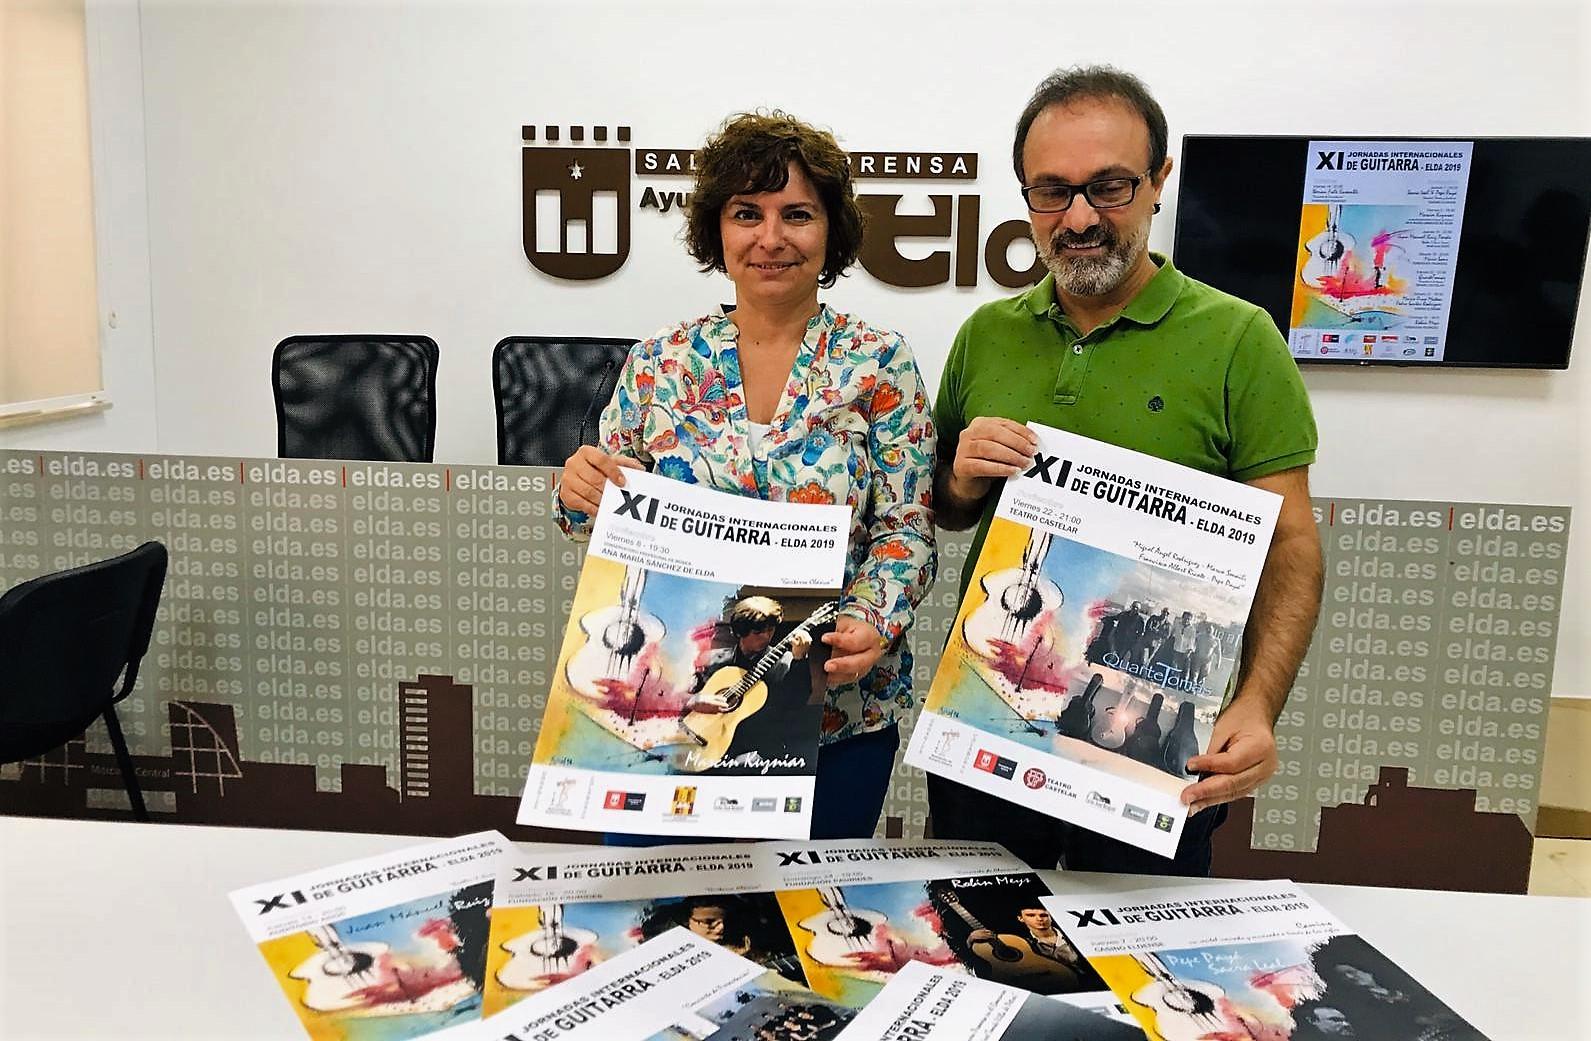 Las Jornadas de Guitarra reúnen en Elda a algunos de los mejores intérpretes del panorama internacional